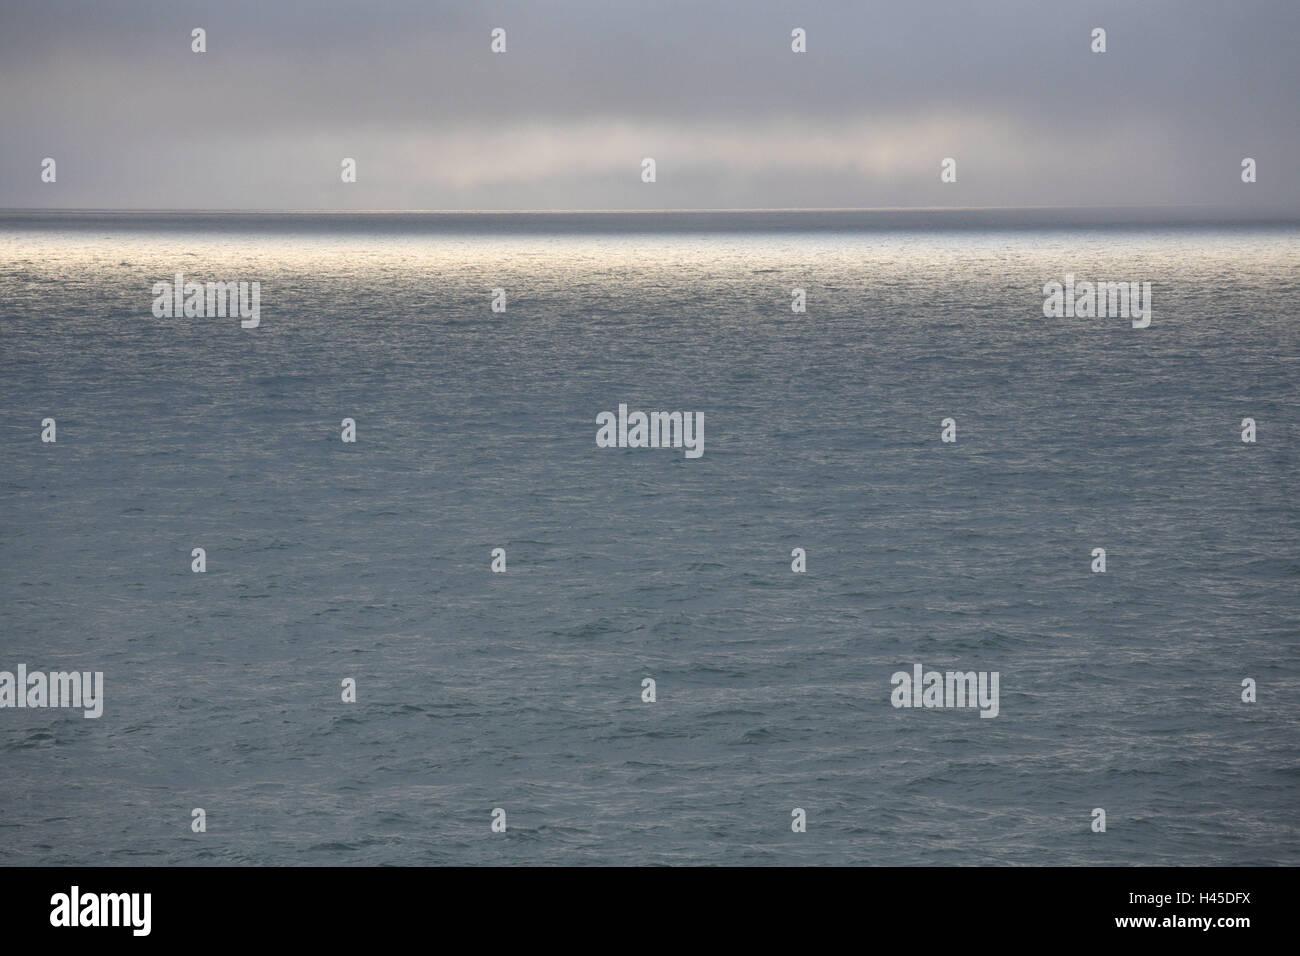 Océano Ártico, vista Mau_Reportaje, expedición, expedición, el Instituto Alfred Wegener de investigación Imagen De Stock